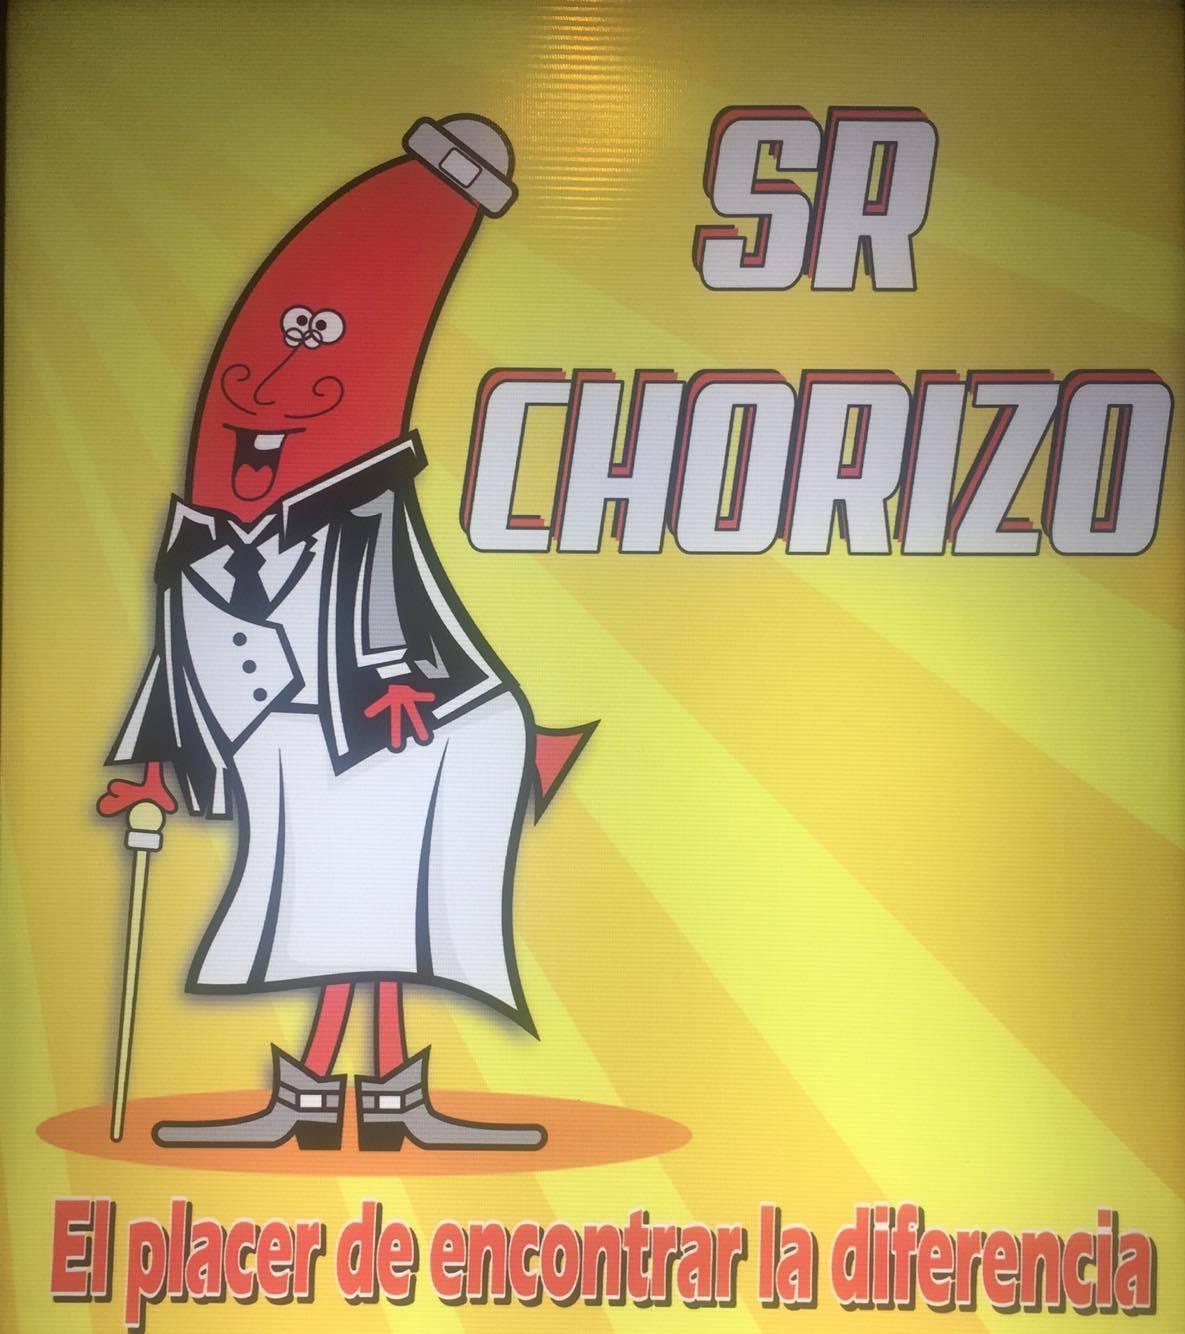 Asados Sr Chorizo